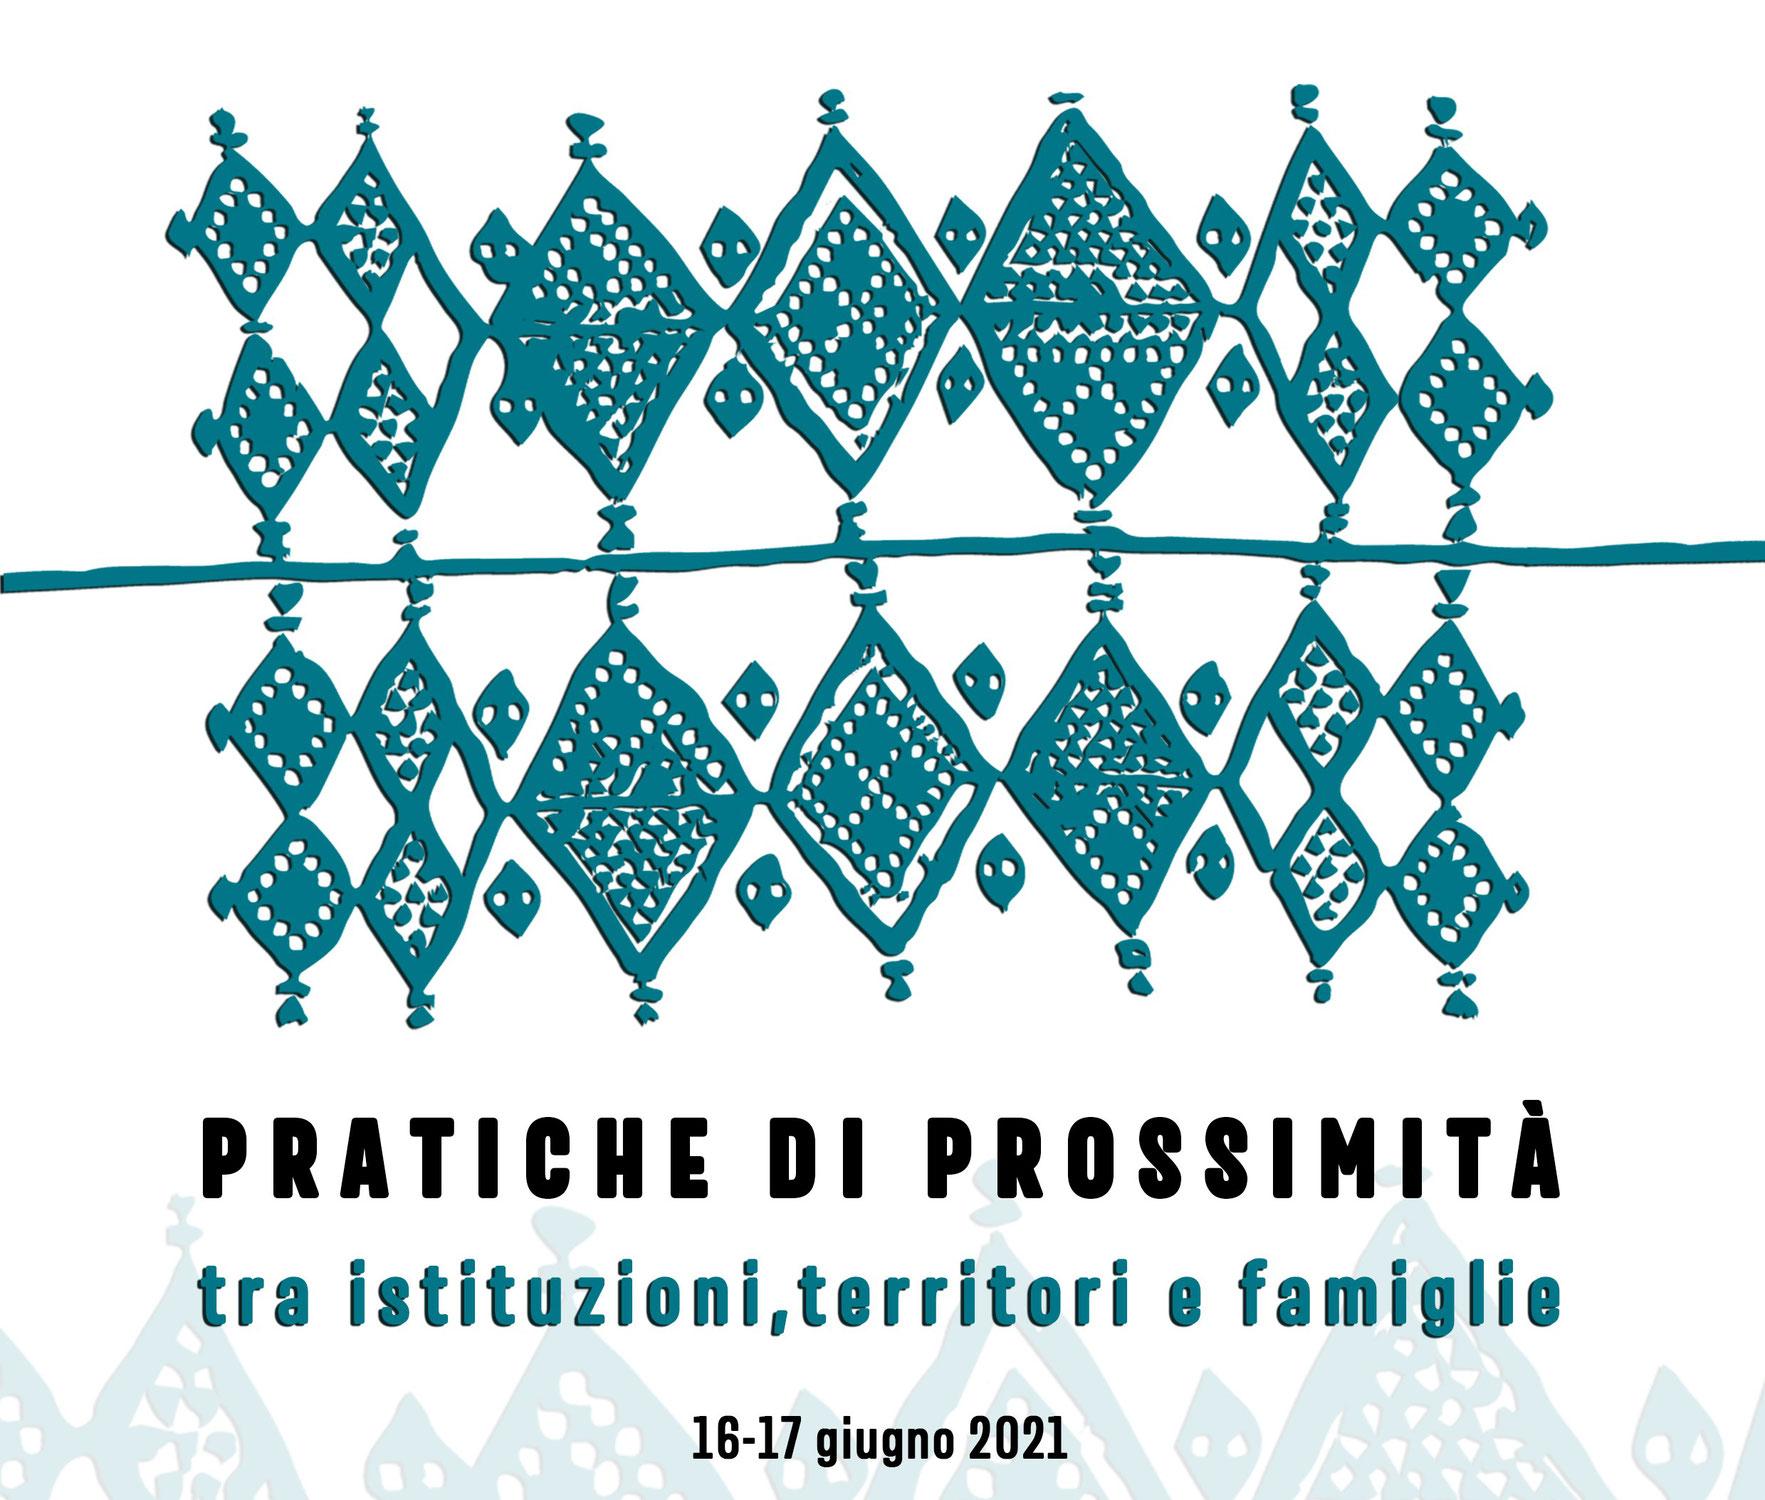 Giornate europee progetto GEFA-GIFT: 16 e 17 giugno a Verona e online!